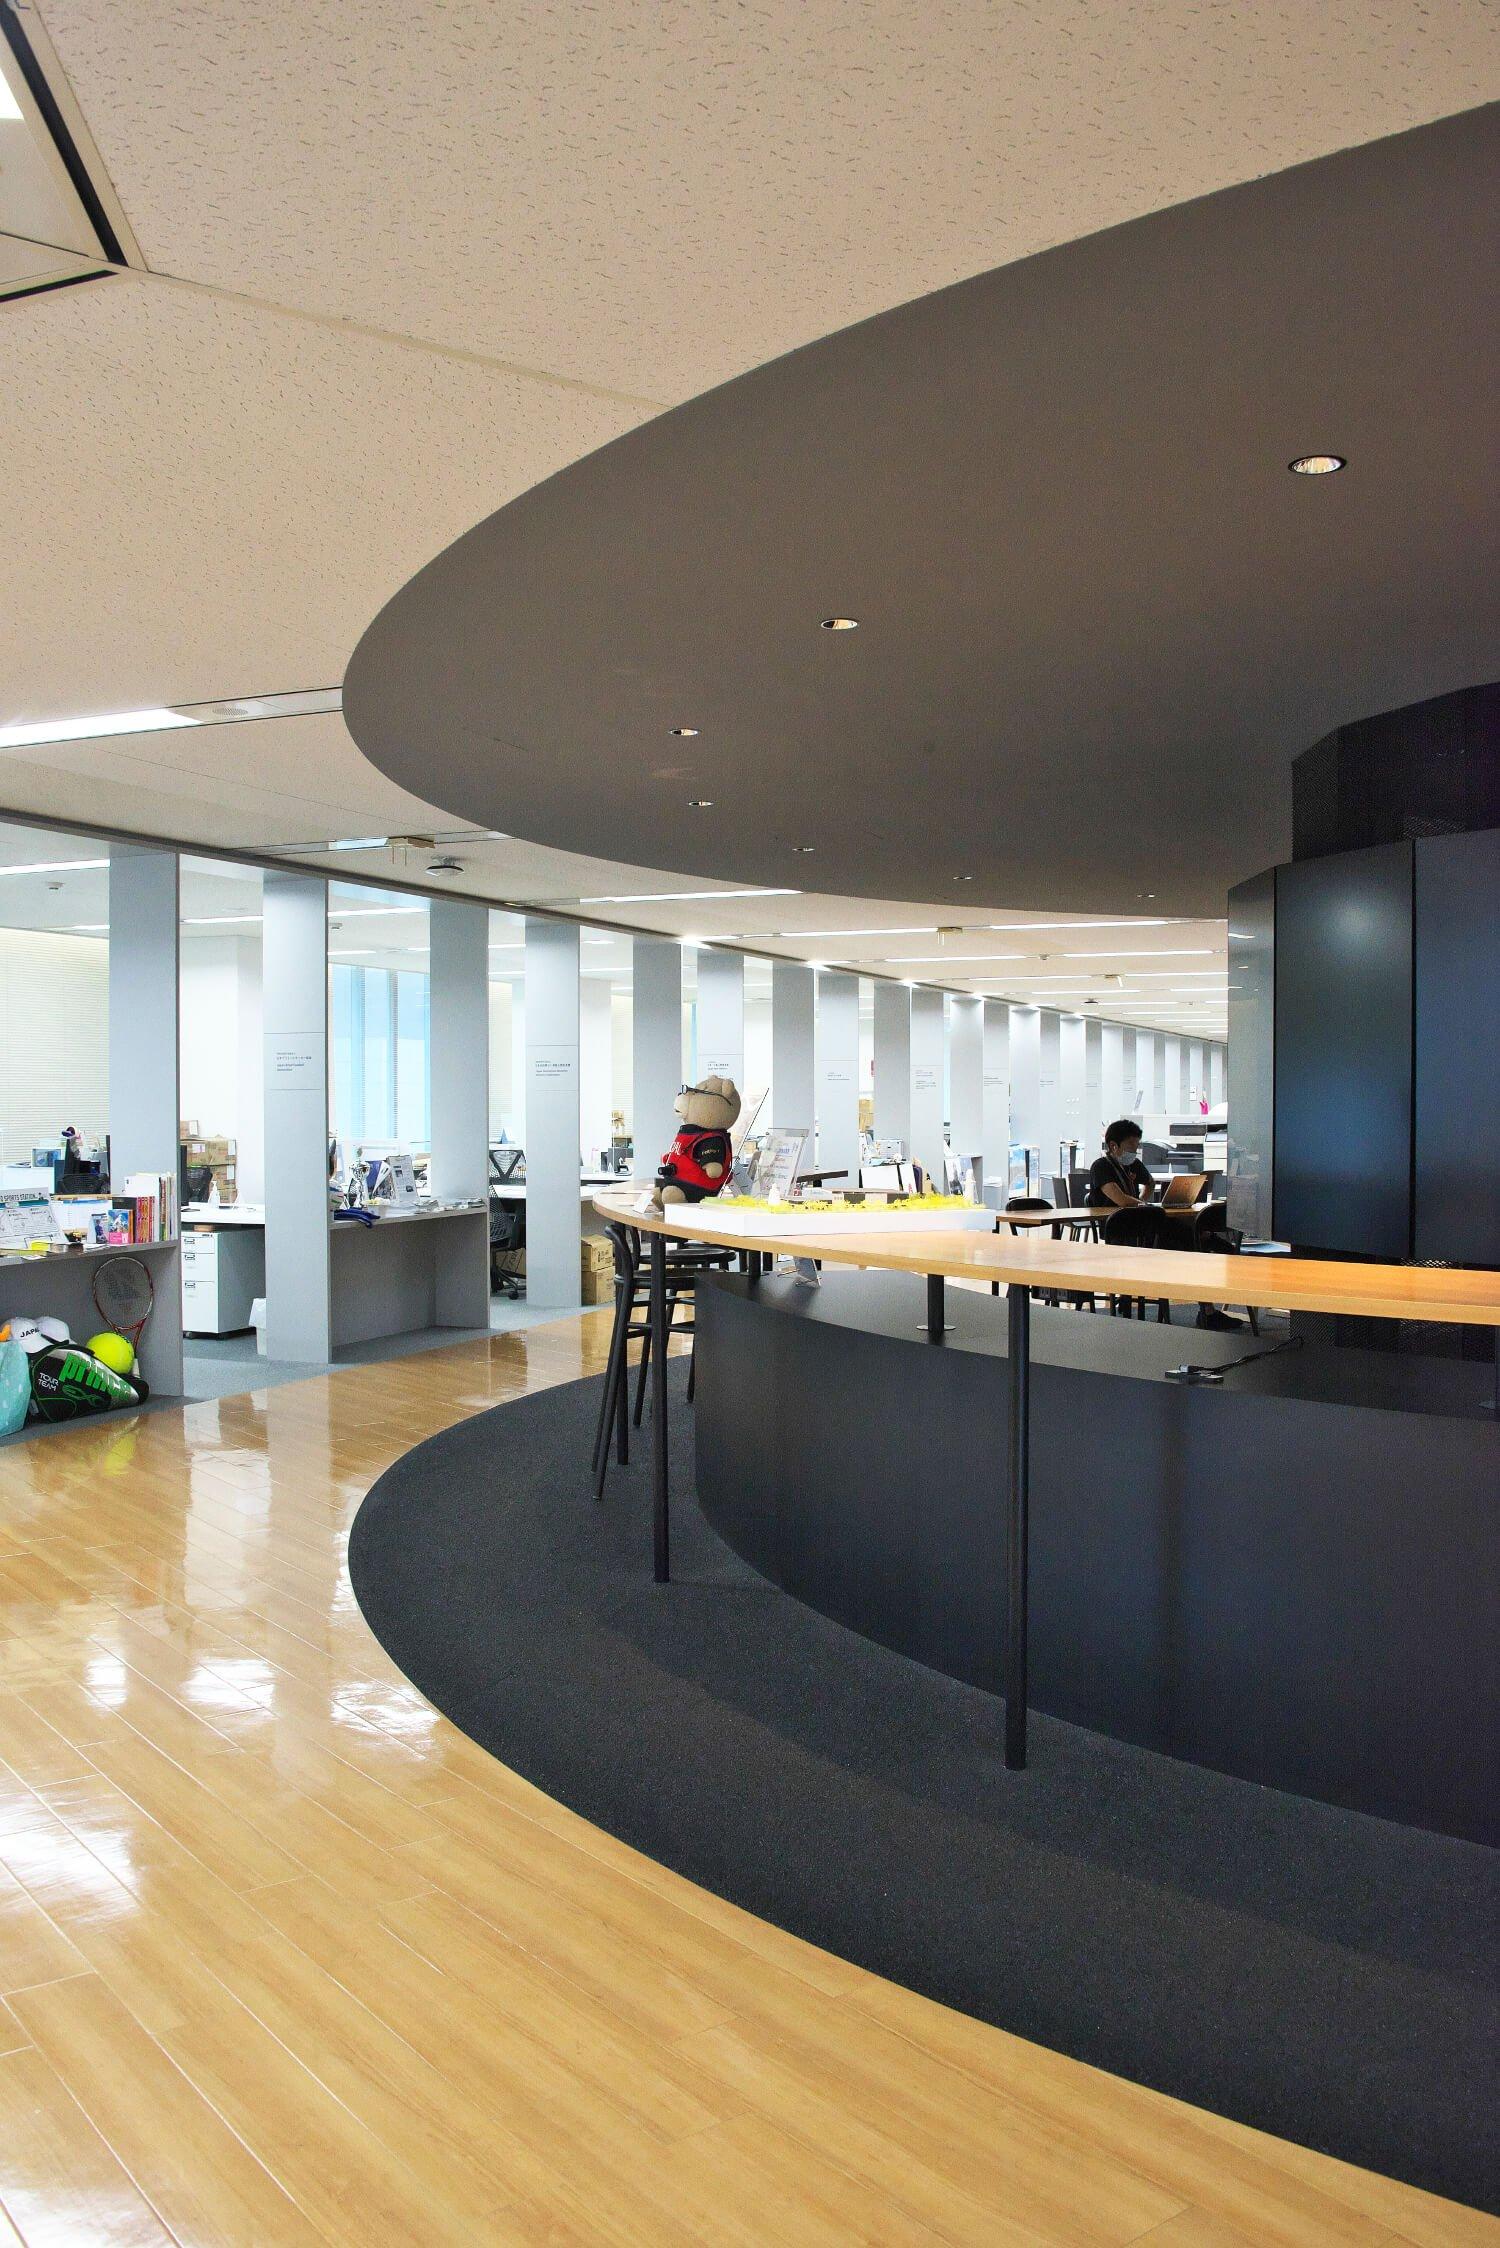 パラサポには、ミーティングスペースや各競技団体のオフィス、記者会見用ステージなどが。